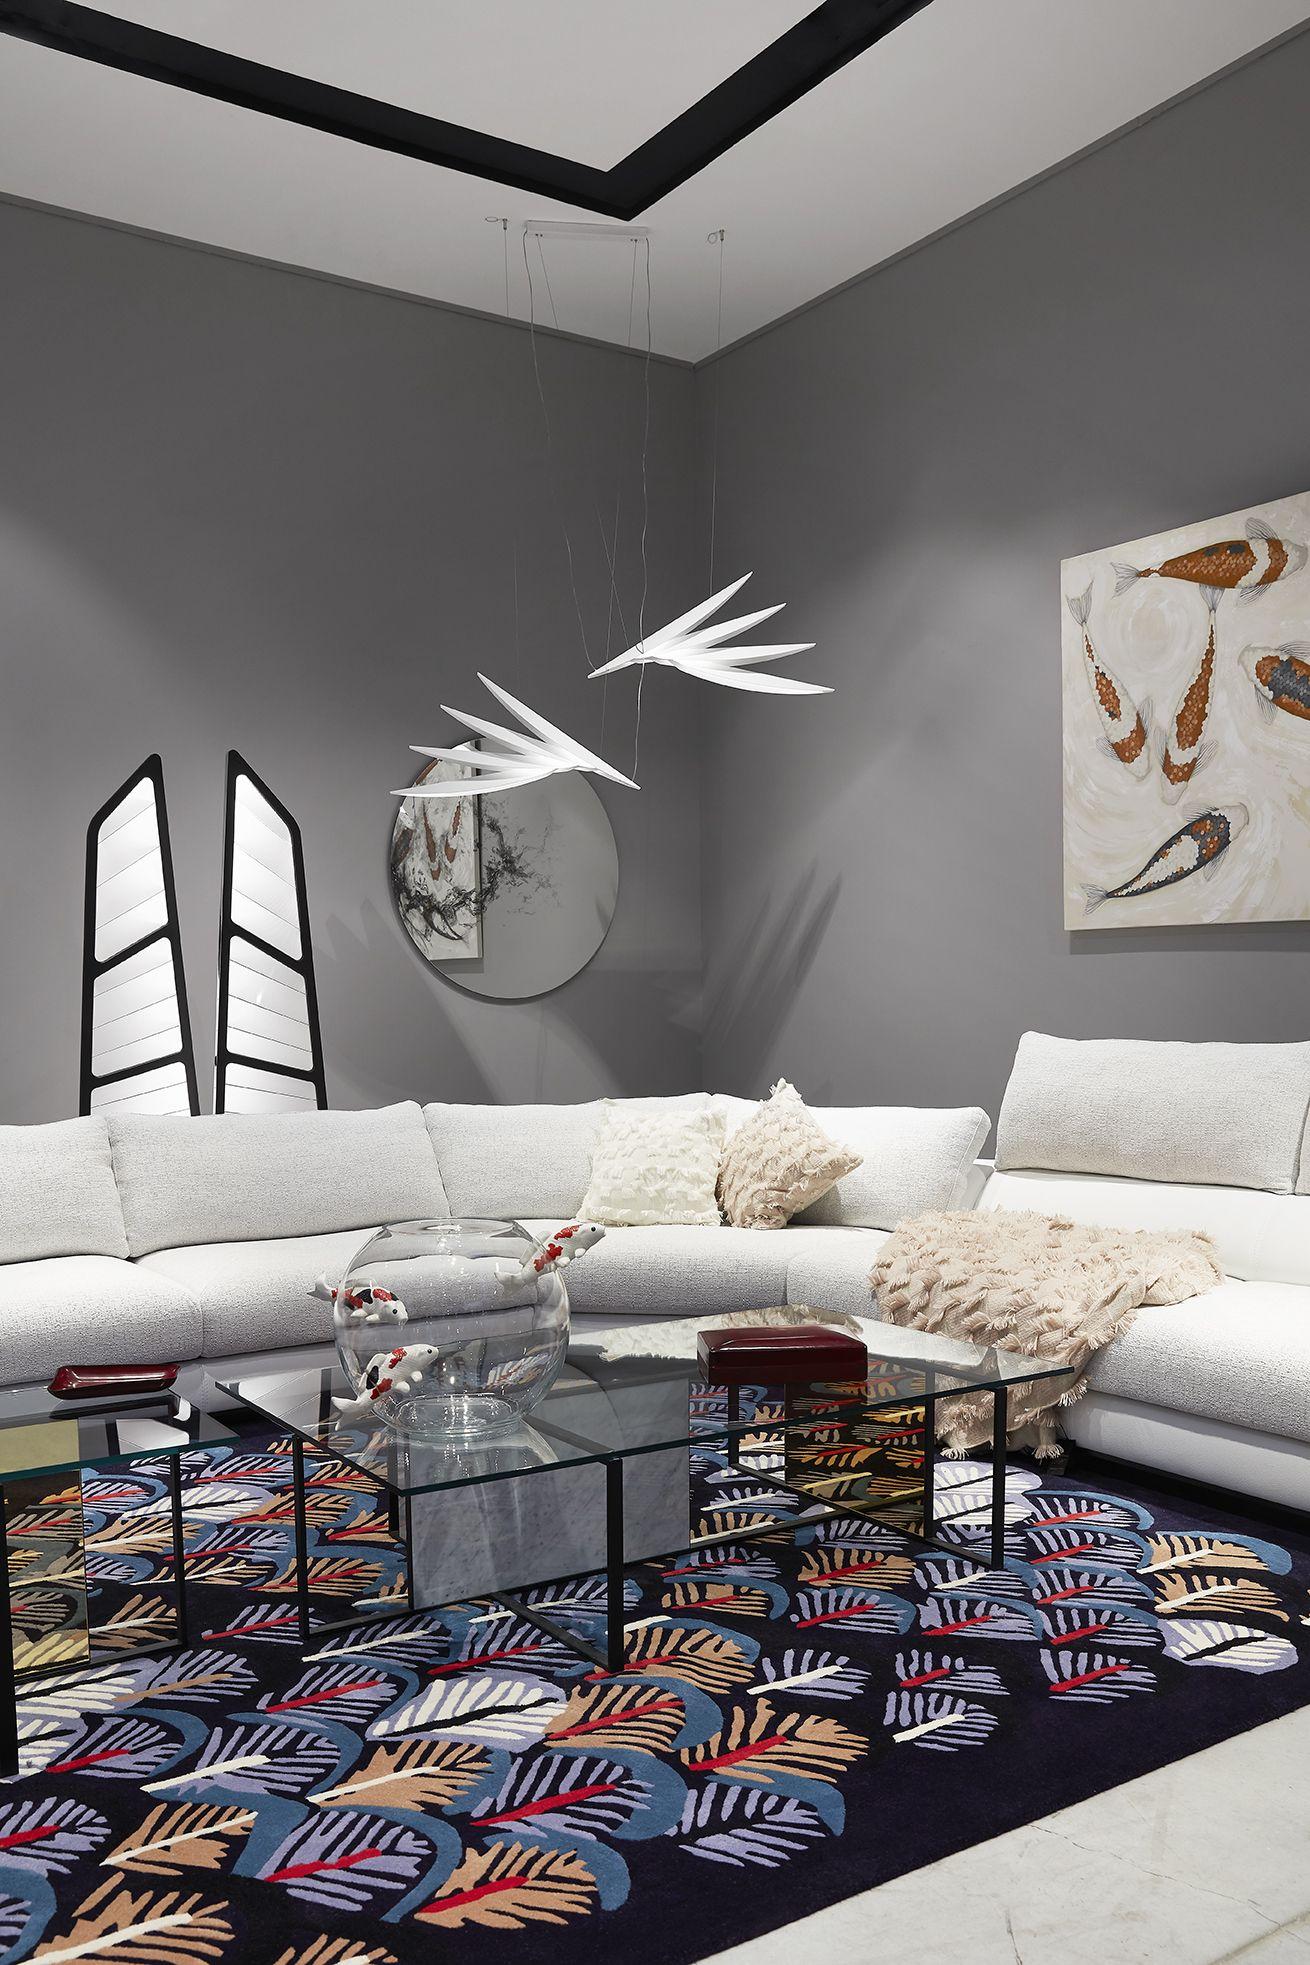 Roche Bobois Alchimie Sofa Designed By Roberto Tapinassi Maurizio Manzoni Sofa Design Home Decor Home